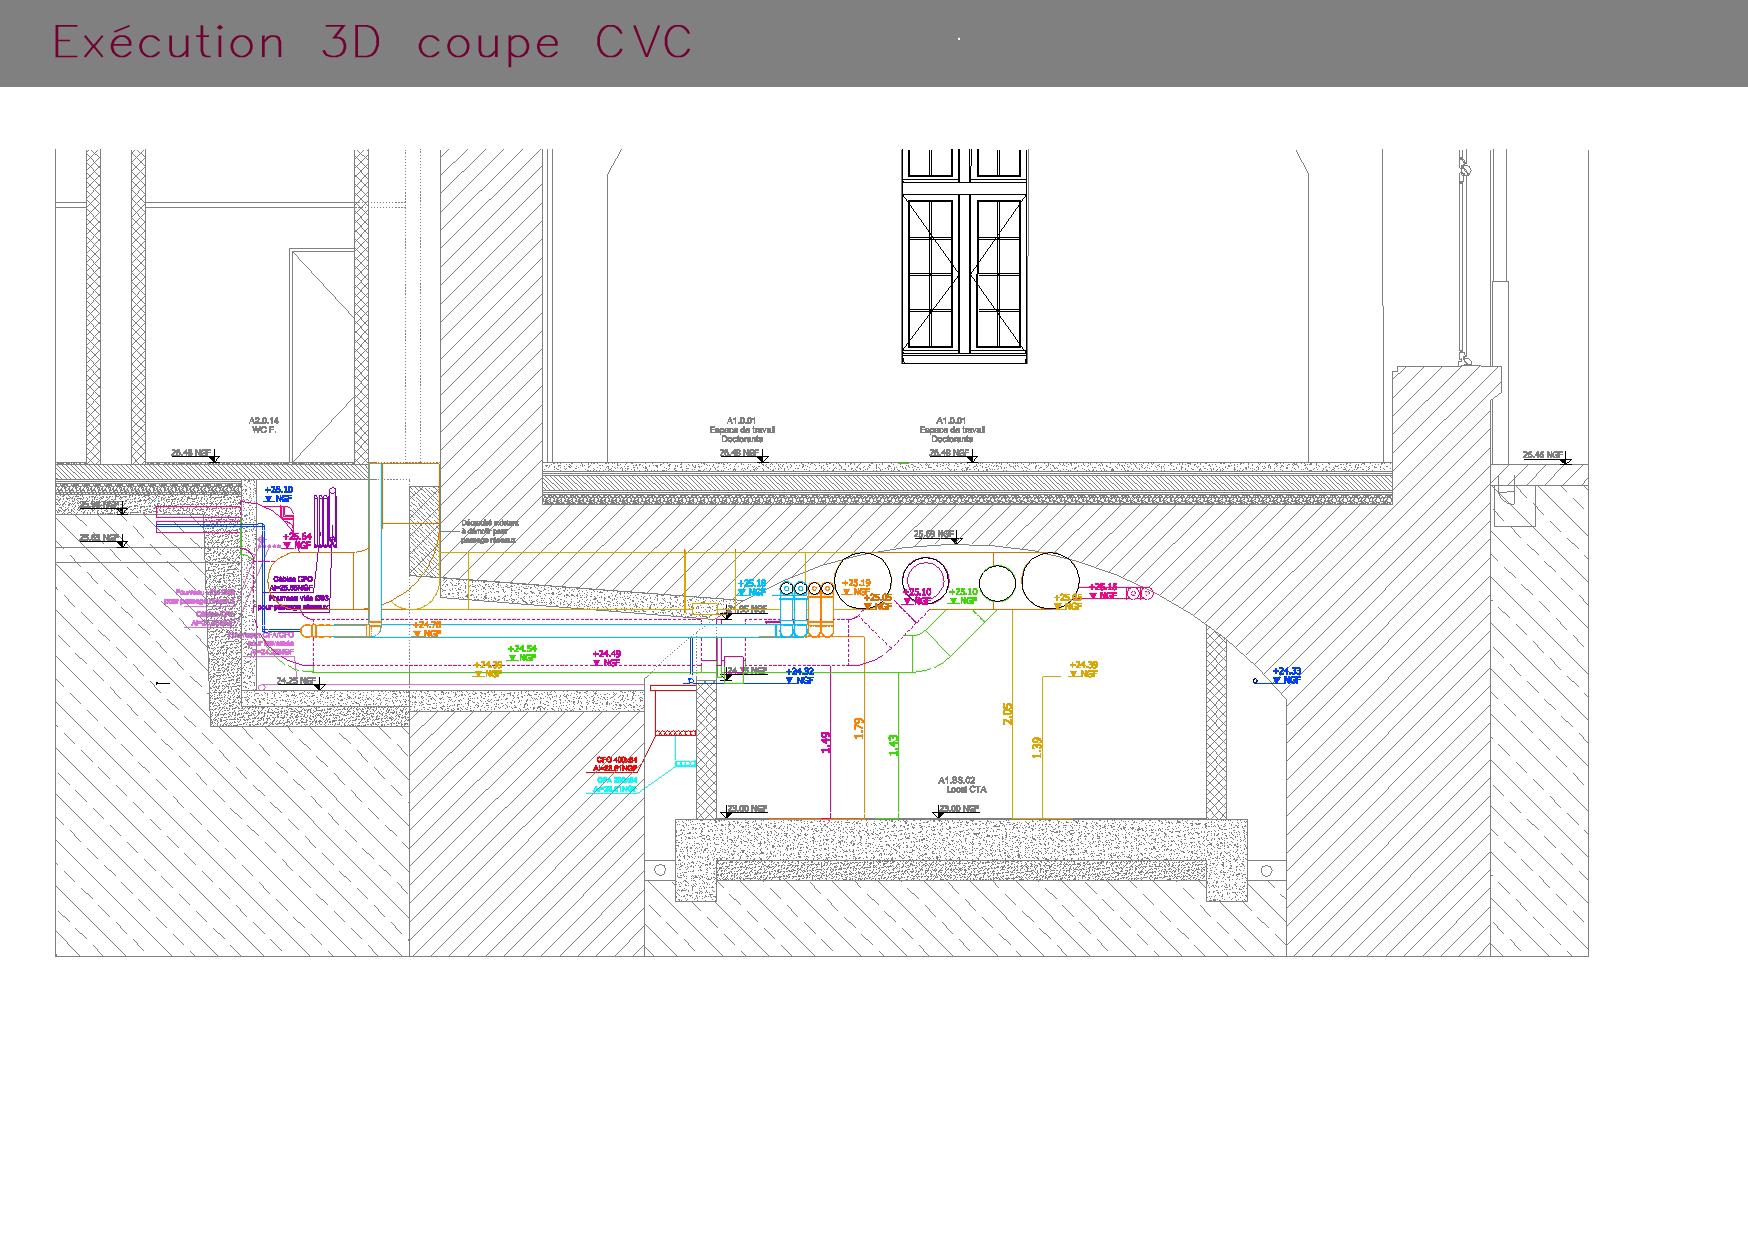 Plans d'exécutions en 3D d'une coupe CVC